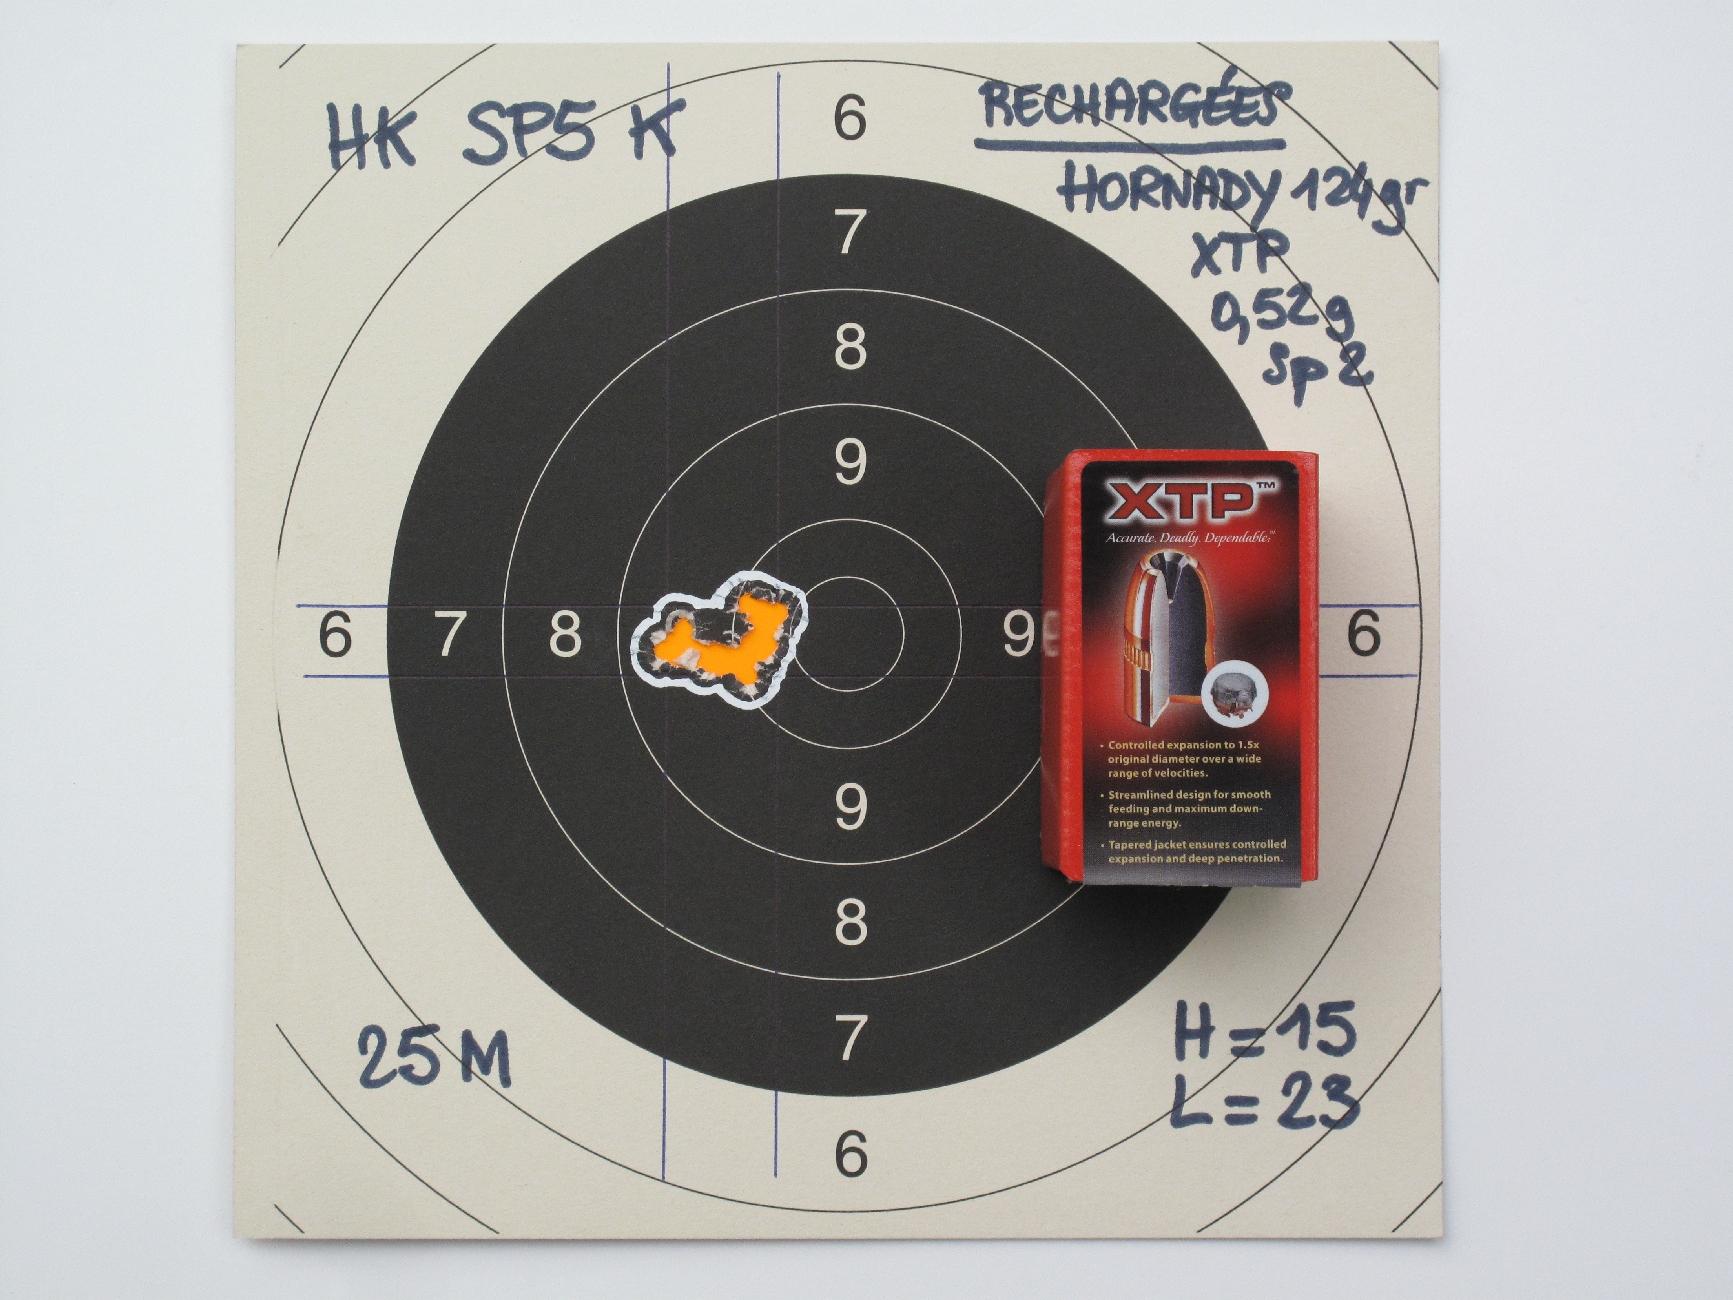 Pour peu que l'on choisisse les munitions qui conviennent particulièrement bien à cette arme, les groupements de dix coups réalisés sur un appui léger à la distance de 25 mètres restent aisément contenus à l'intérieur du 10 de la C50, quand ce n'est pas à l'intérieur de la mouche !